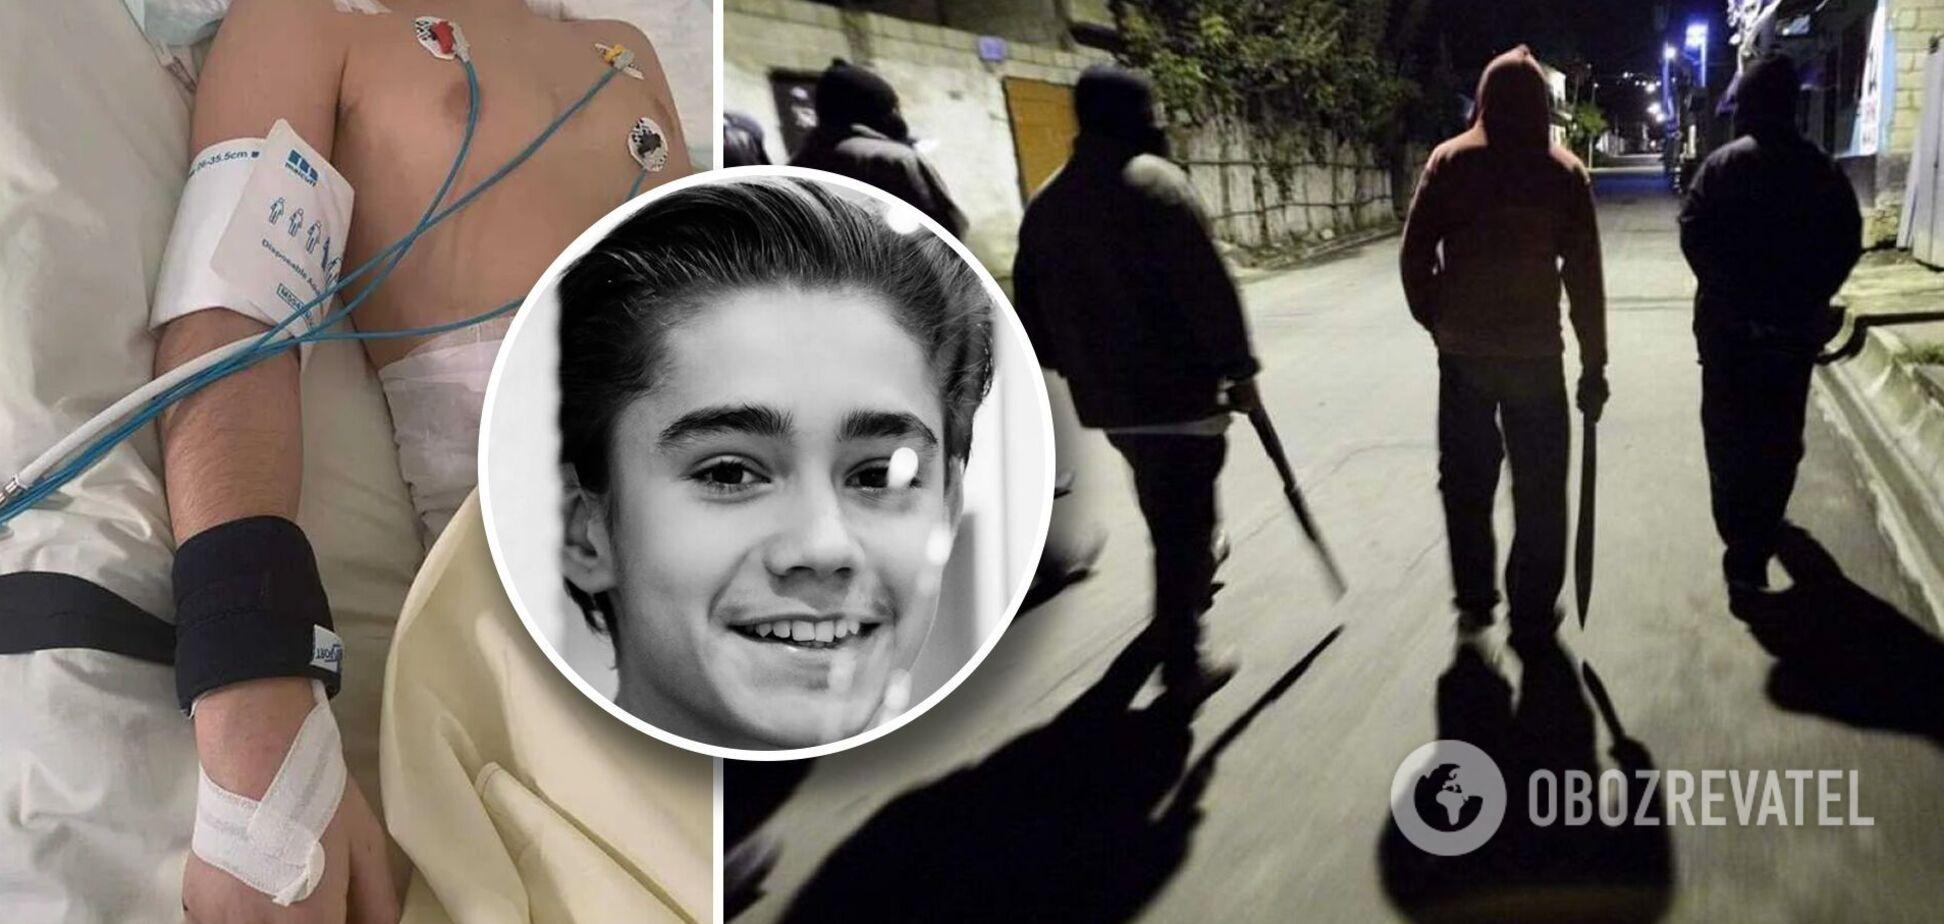 Плакал, был нервный срыв: 15-летний украинец, жестоко избитый хулиганами в Париже, дал первые показания